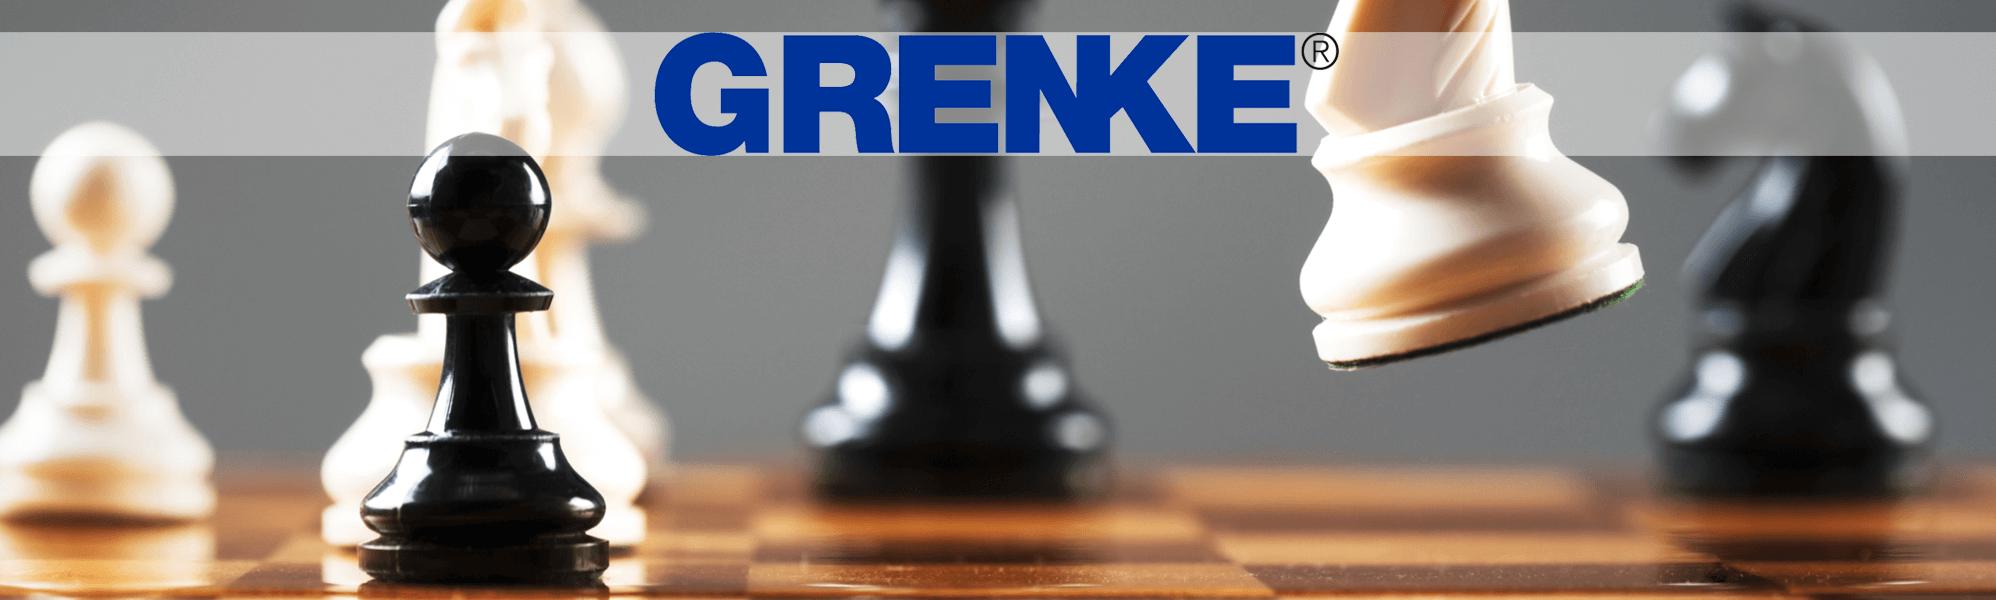 Grenke - Persoane juridice și persoane fizice autorizate